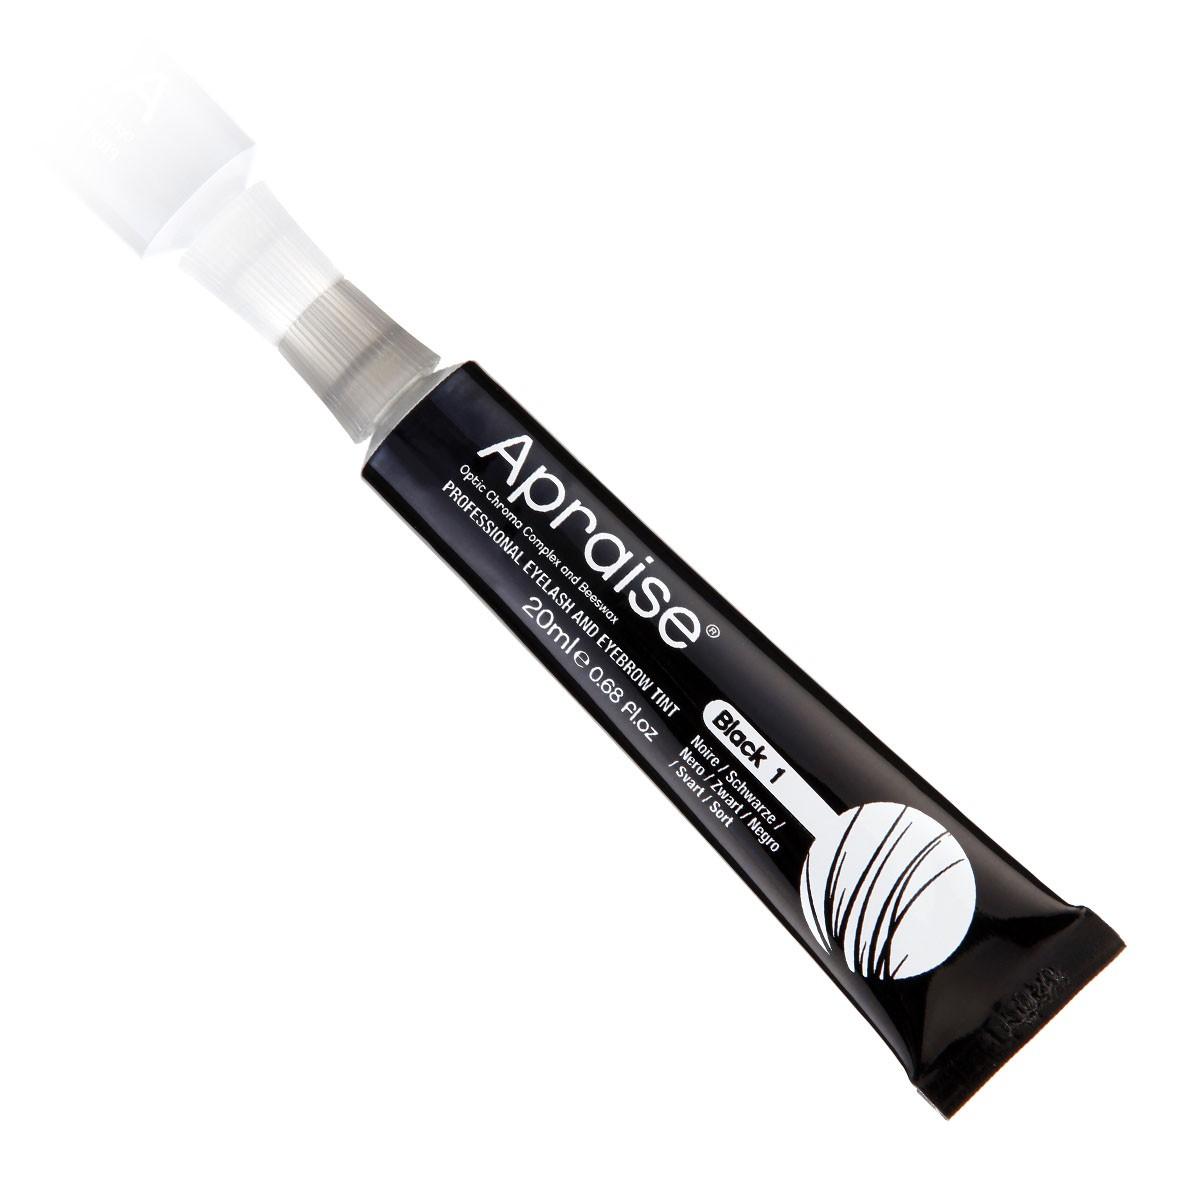 Apraise Tinta Cilios e Sobrancelhas 20ml - 1.0 Black (Preta)